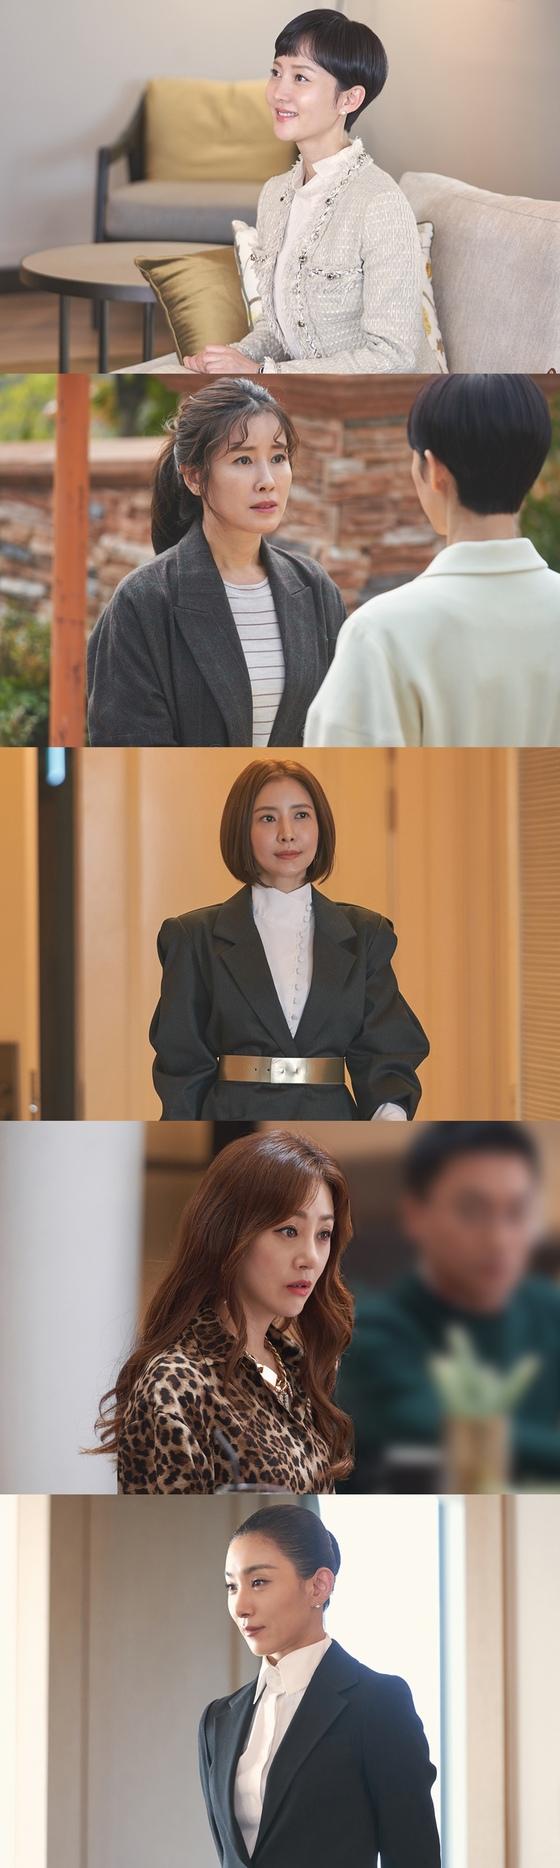 'SKY캐슬' 염정아부터 이태란까지, 배우들 직접 전한 '관전포인트'